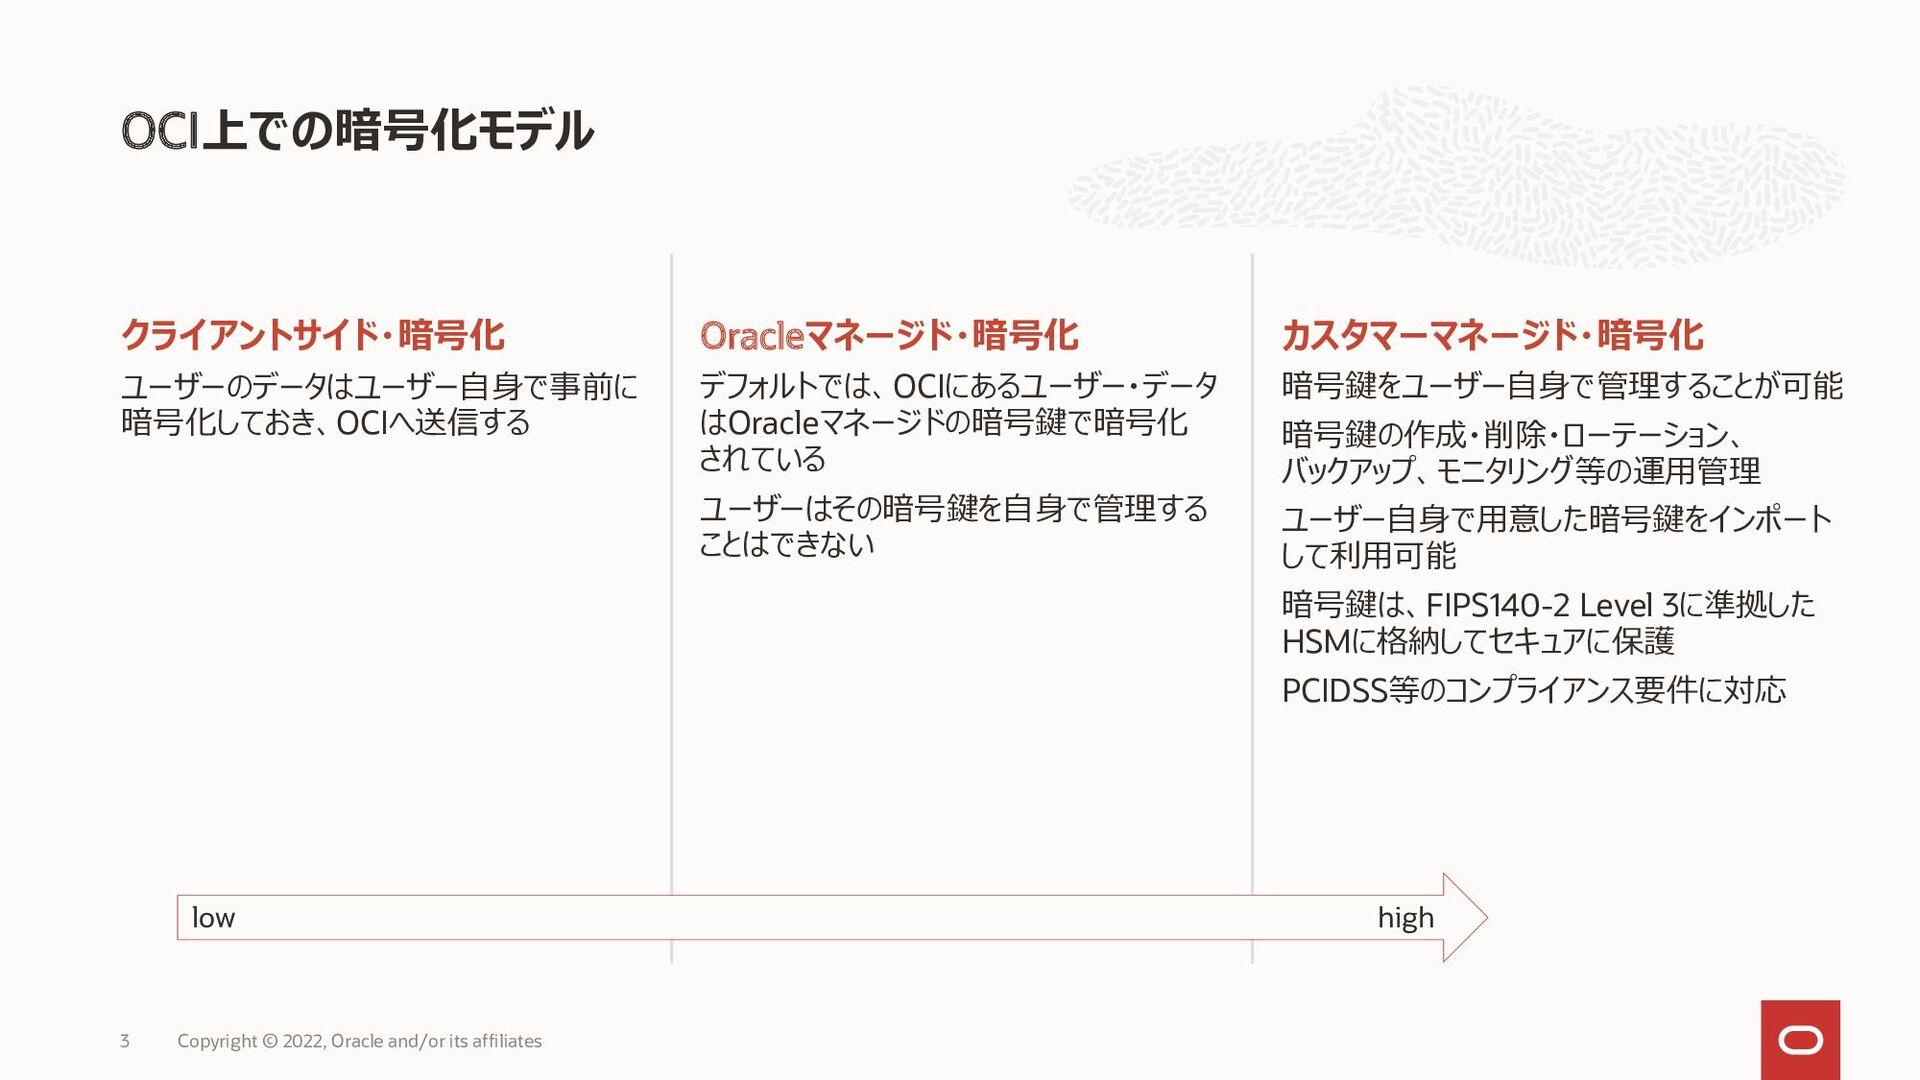 3 OCIのストレージサービスはデフォルト暗号化 Vaultを利用することにより、暗号鍵の管理...